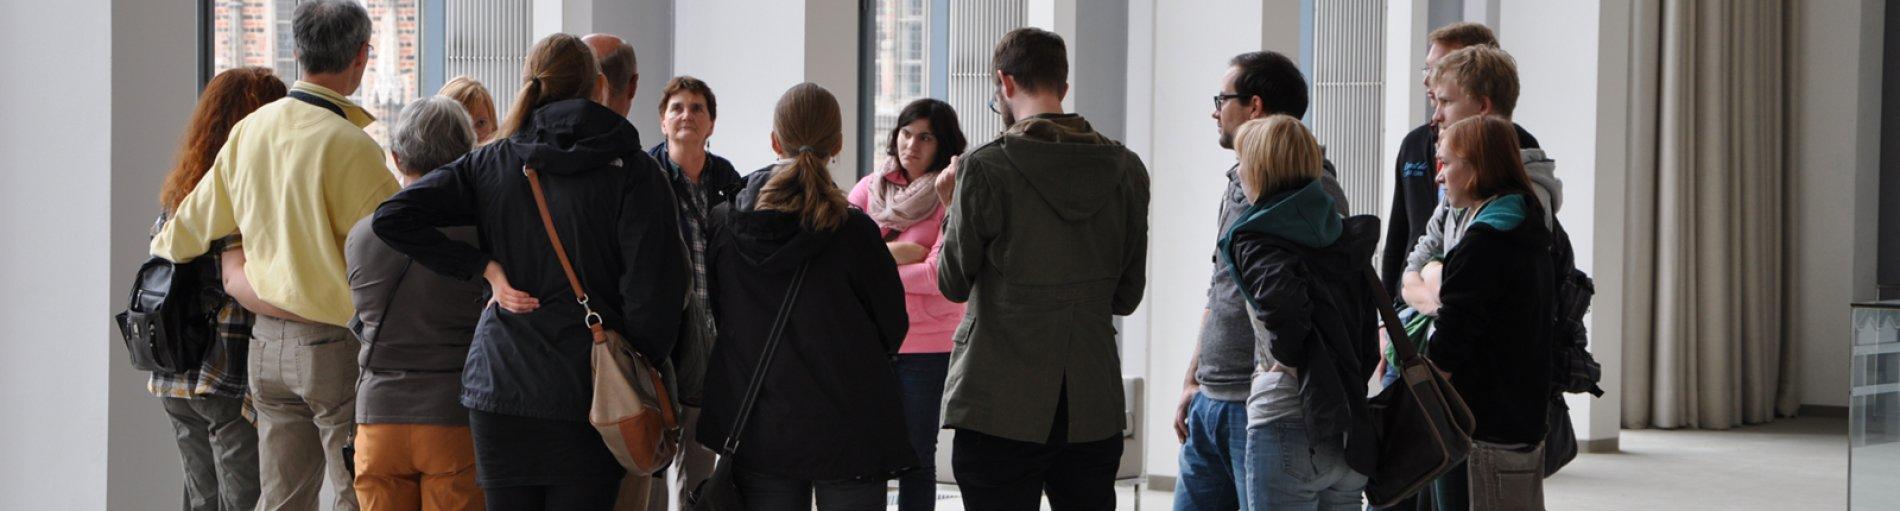 Besuchergruppe in der Bremischen Bürgerschaft (Quelle: Bremische Bürgerschaft)